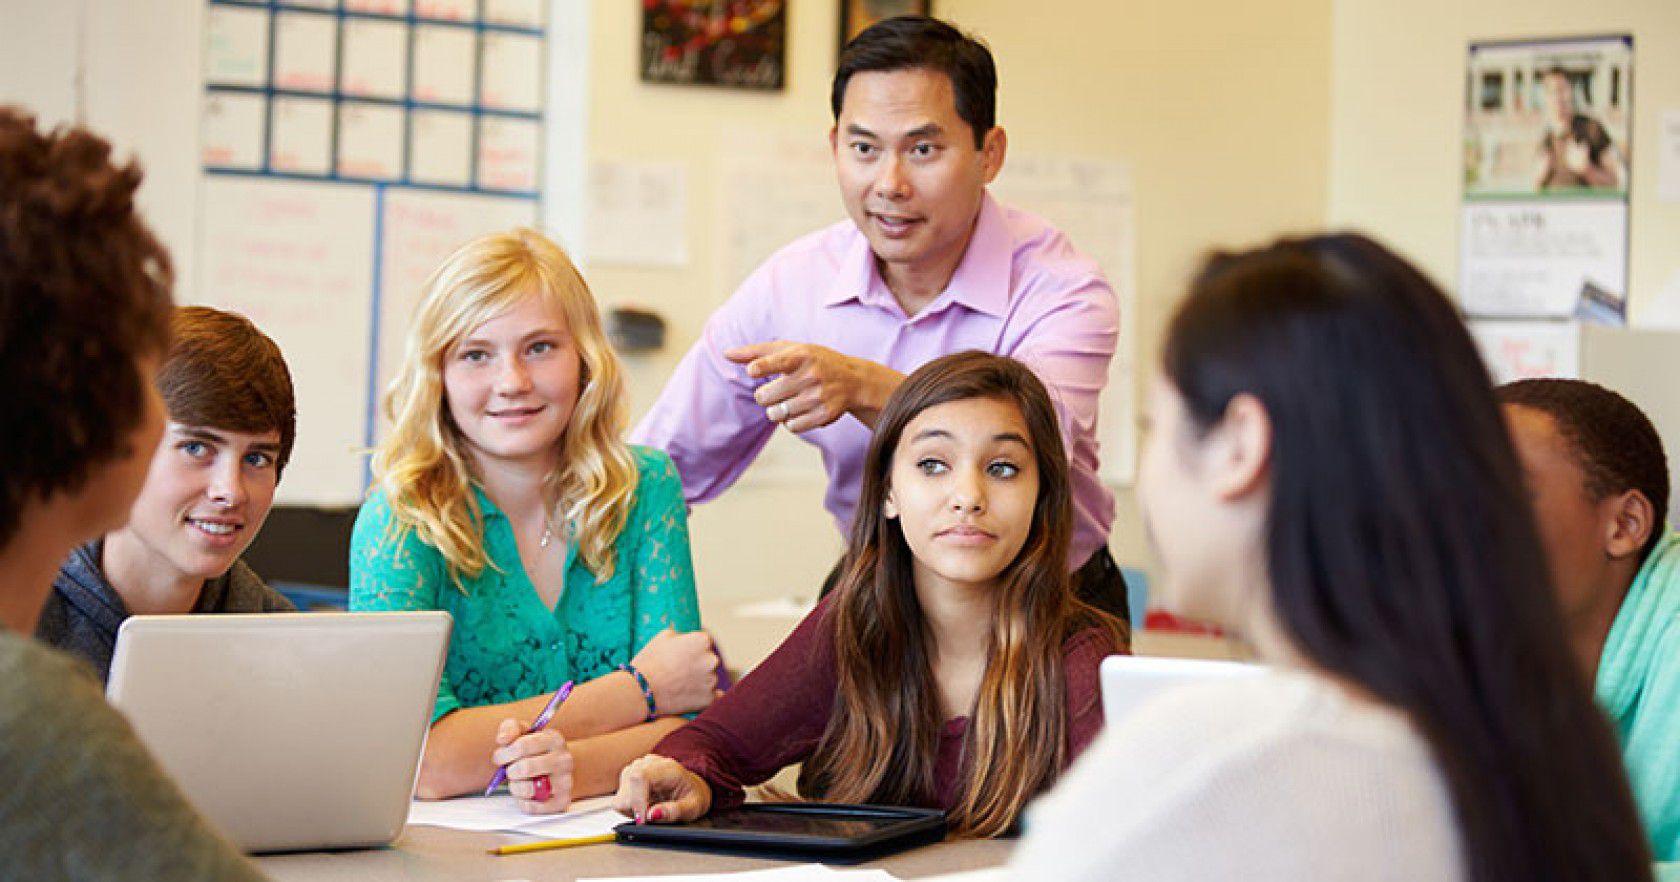 Avustralya Lise Eğitimi Başvuru Sınavları Nelerdir?